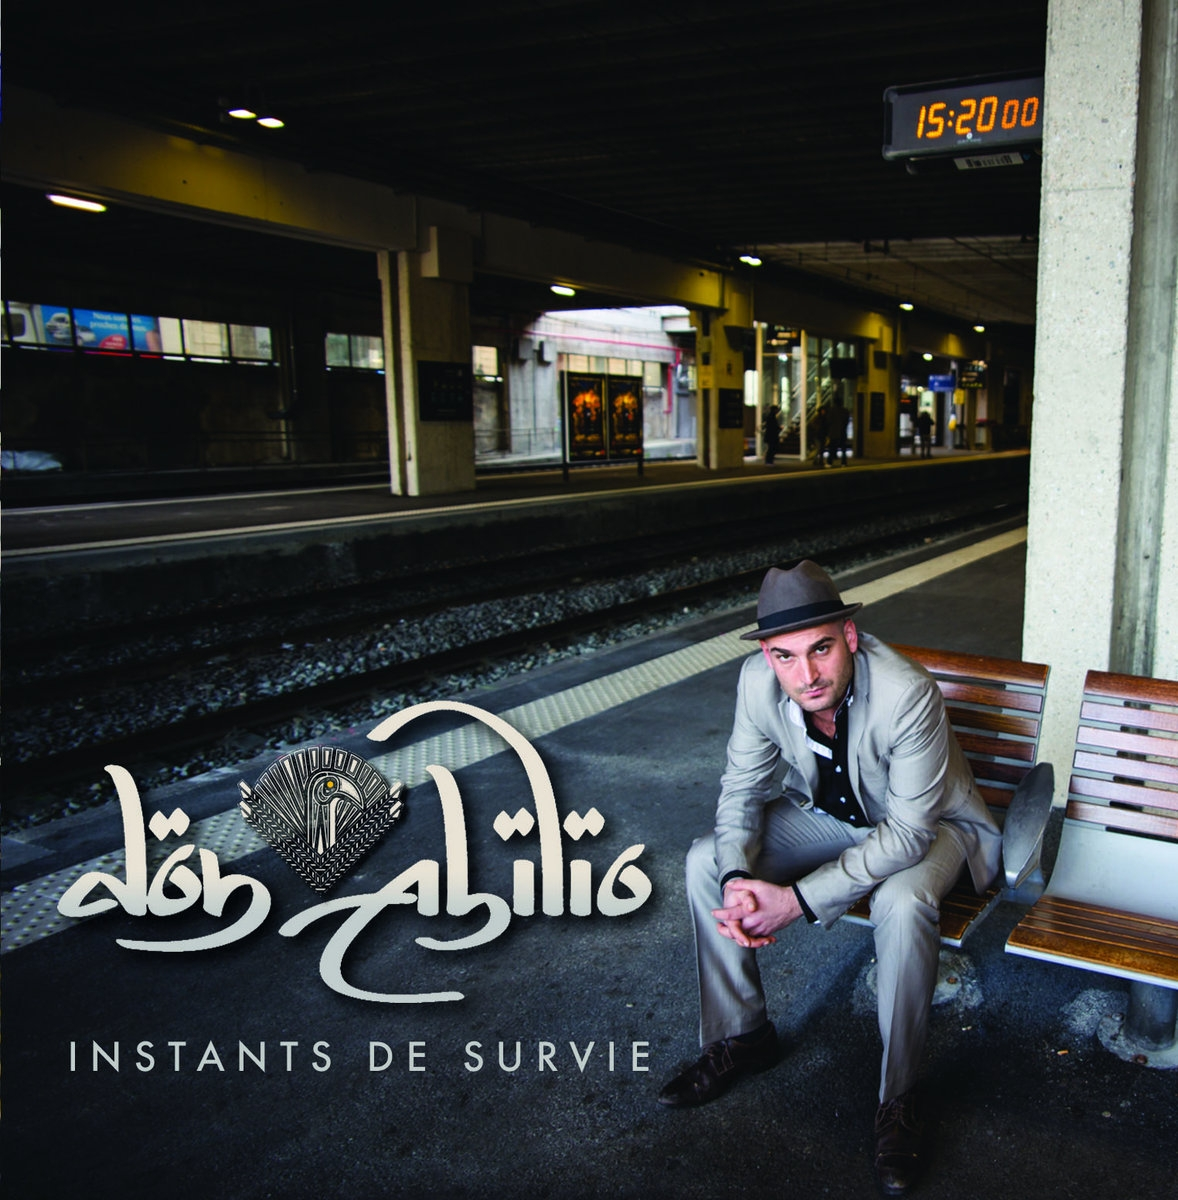 Album Cd Don Abilio